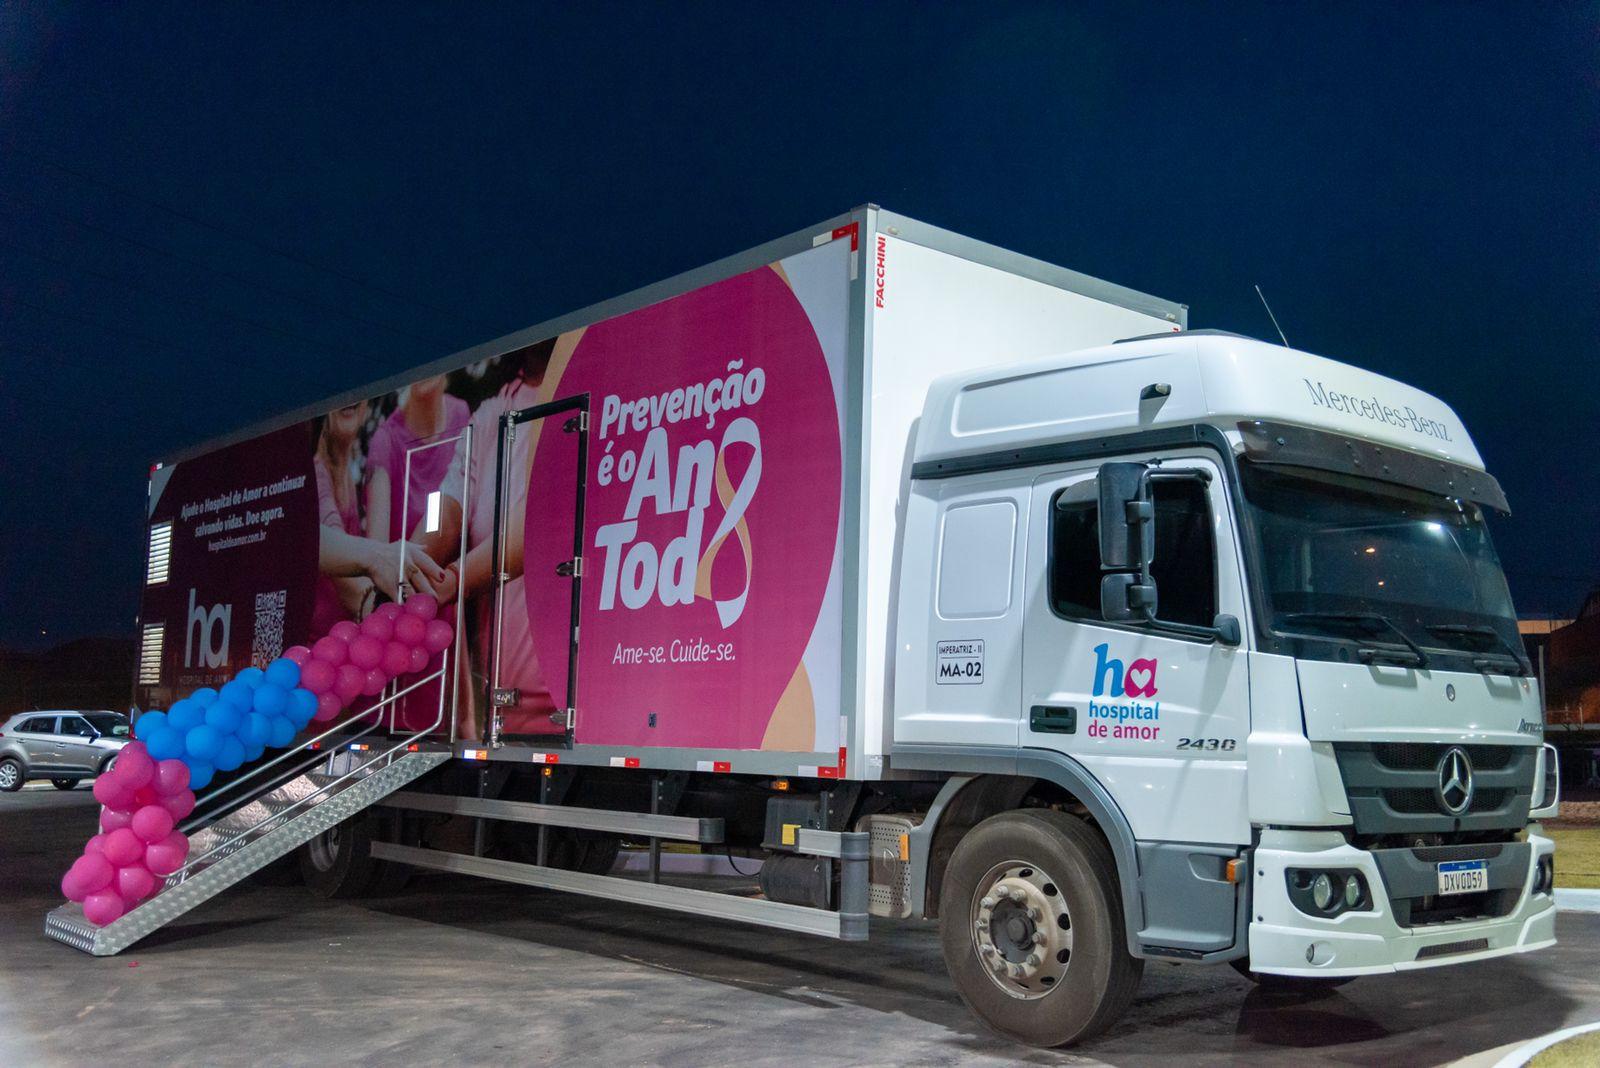 Uma das carretas que fará a cobertura móvel em mais de 40 municípios